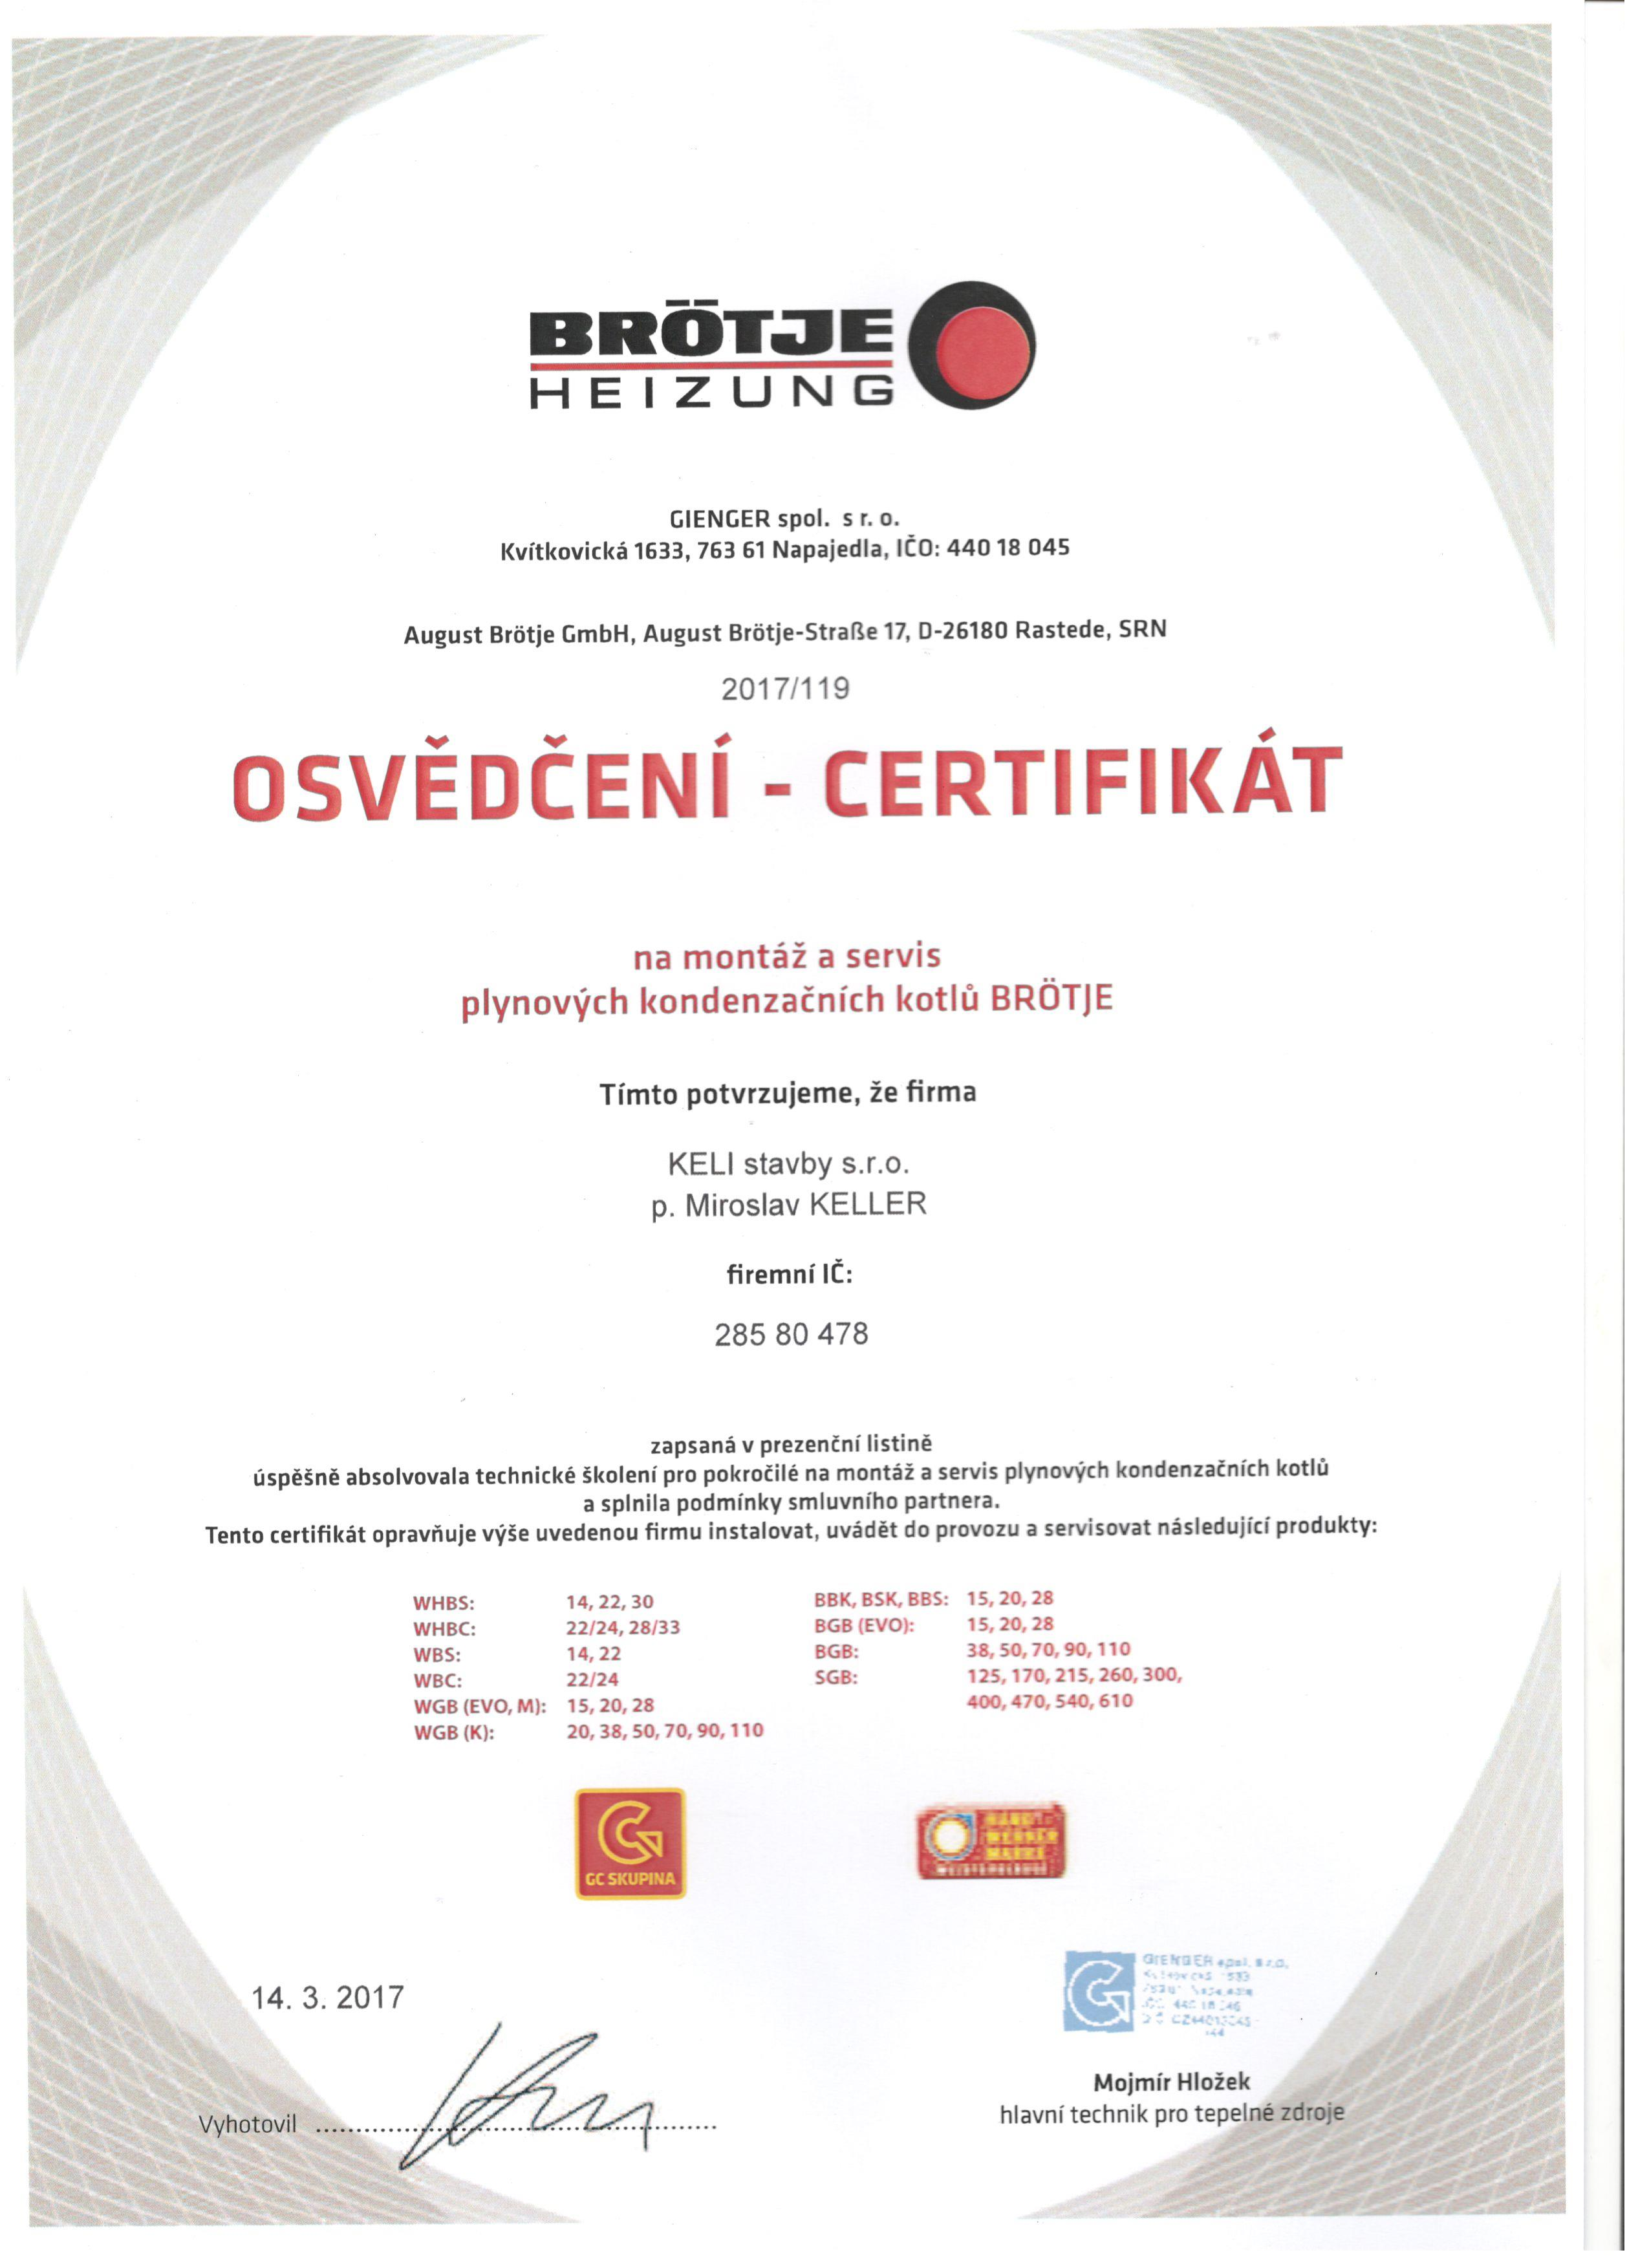 Certifikát motáž a servis plynových a kondezačních kotlů BROTJE